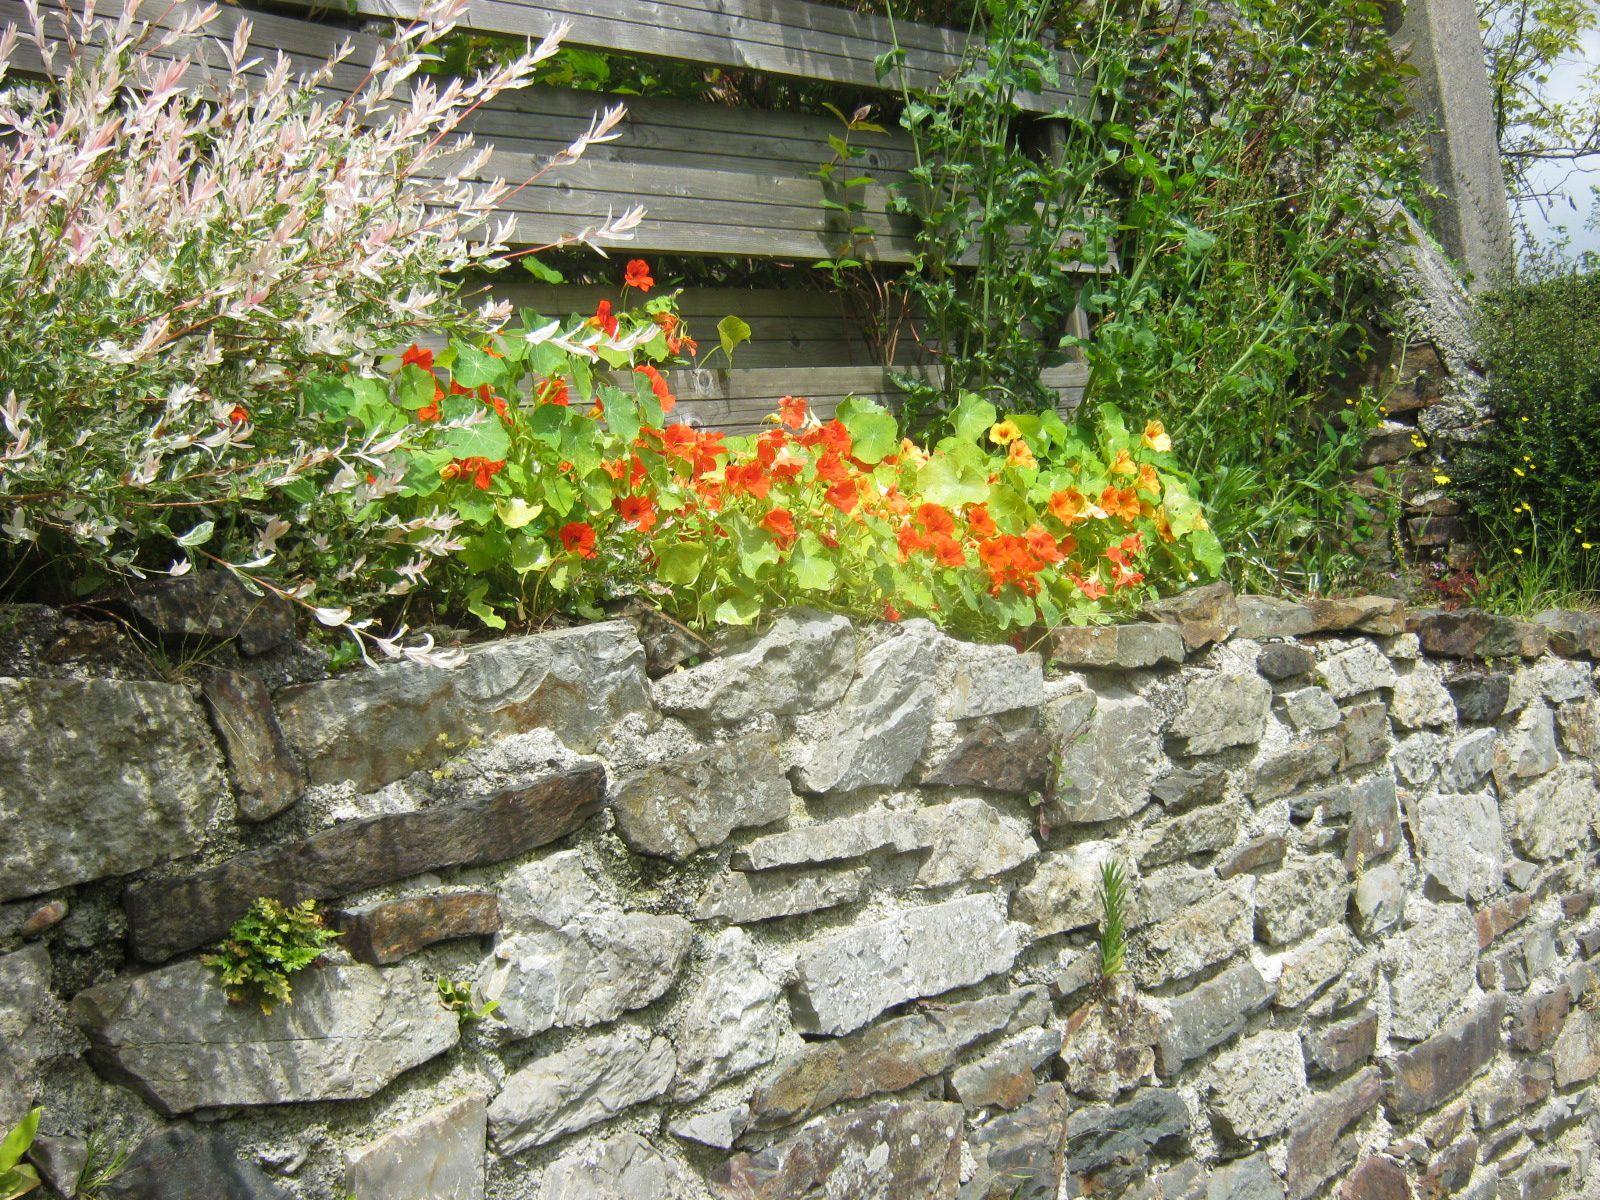 De belles clôtures fleuries à Landevennec ? 1ère photo, millepertuis (merci Evelyne)